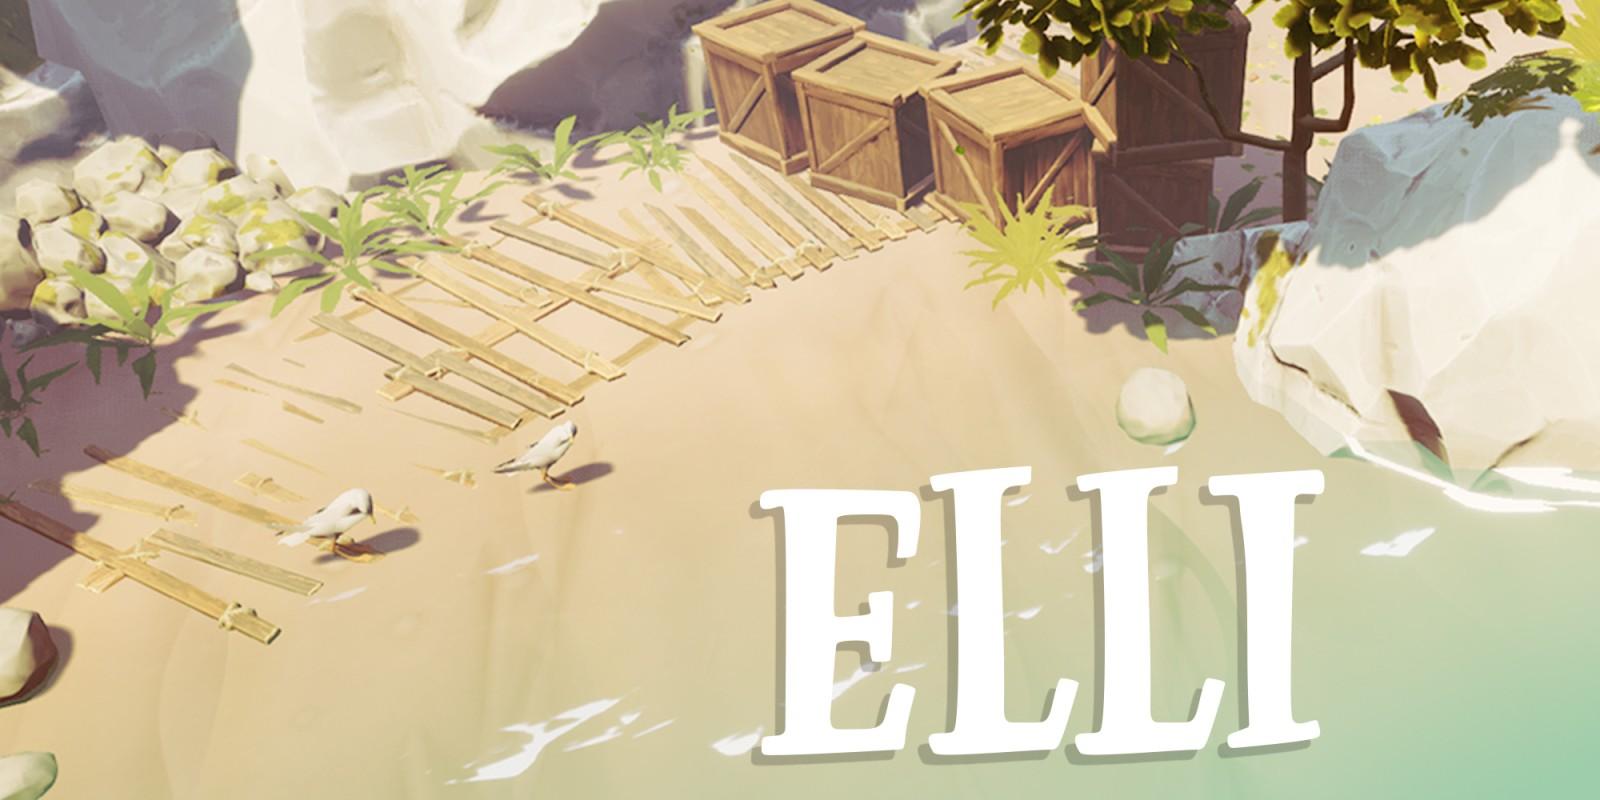 Resultado de imagen de portada videojuego Elli nintendo switch